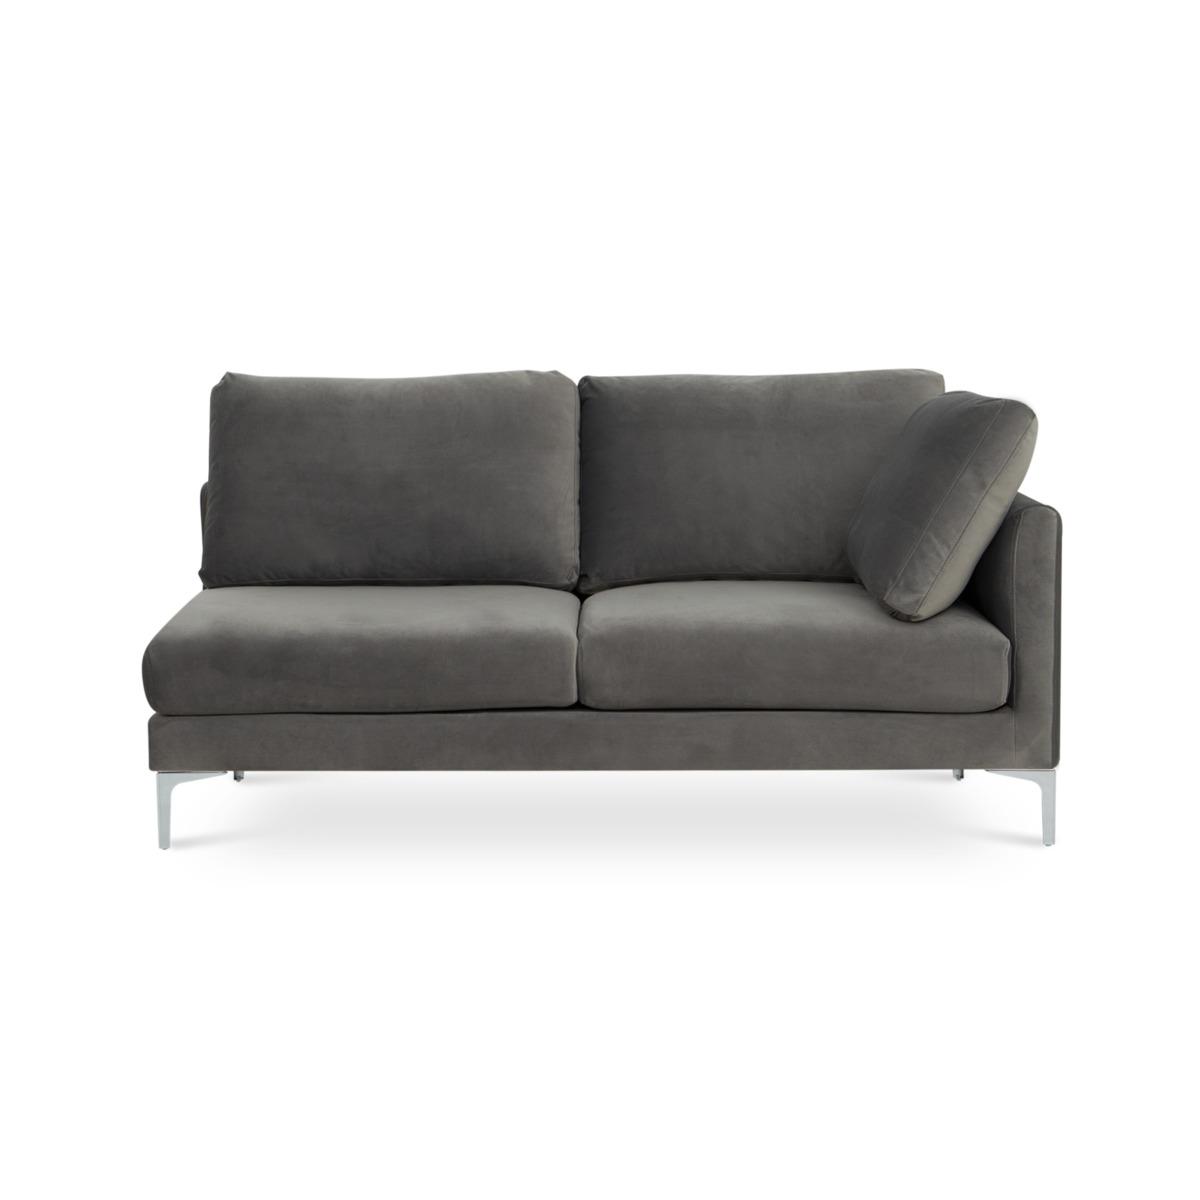 Adams 2-Seater Right Facing, Fog Grey Velvet (Silver Leg)